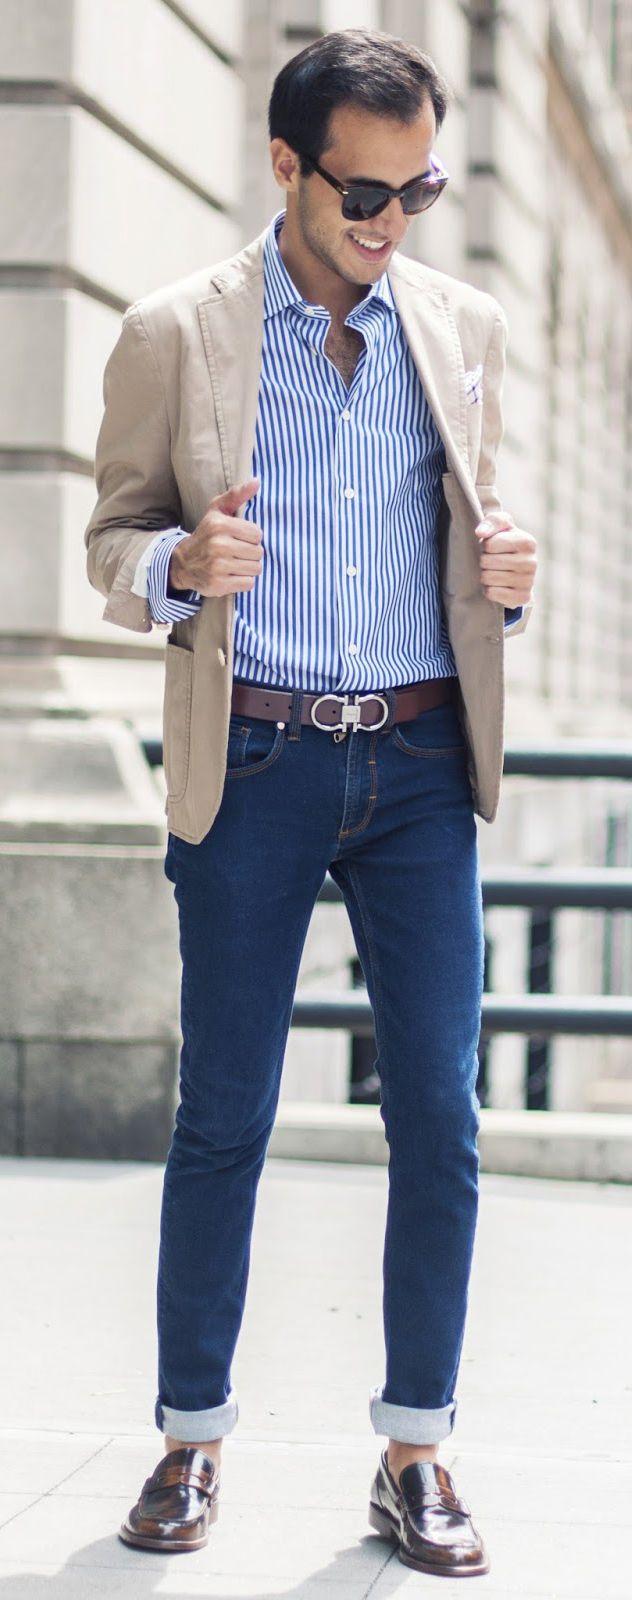 Chemise rayée + Veste en lin beige + Jean Brut   Look Parfait  nouvelleco   chic  look  mode  homme 854131389fc